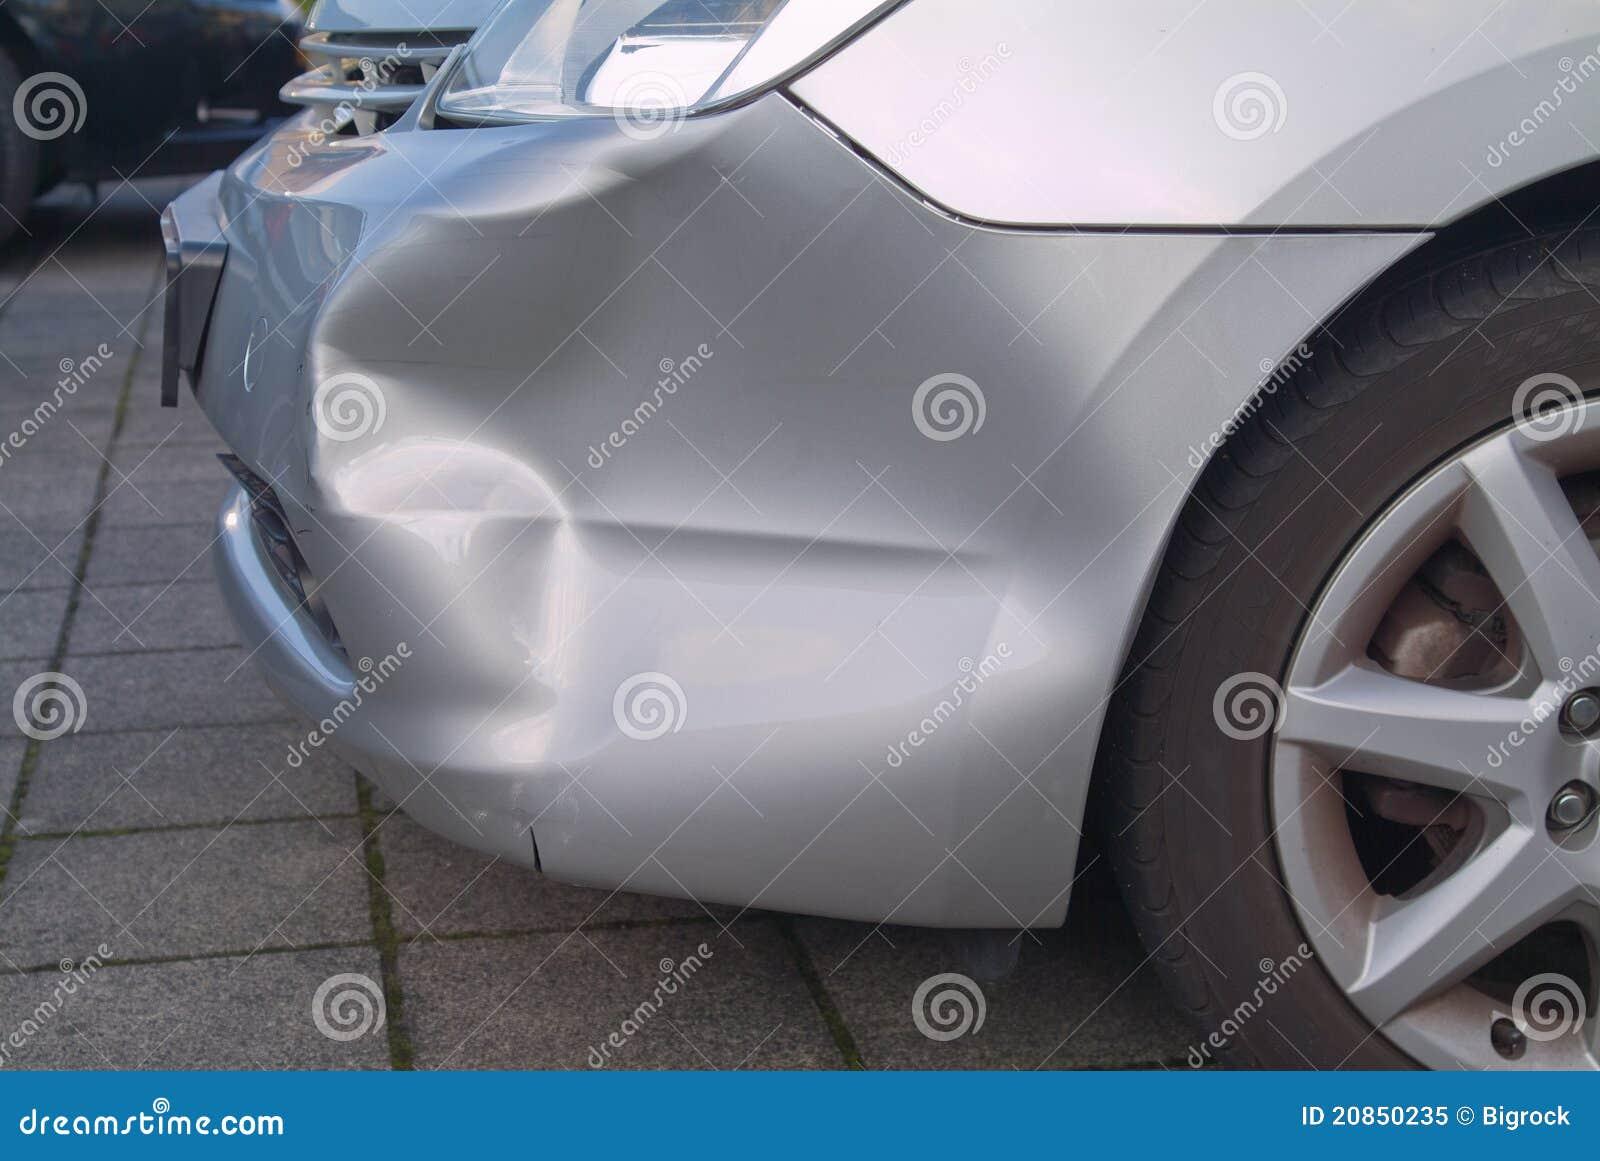 Samochodowy wklęśnięcie